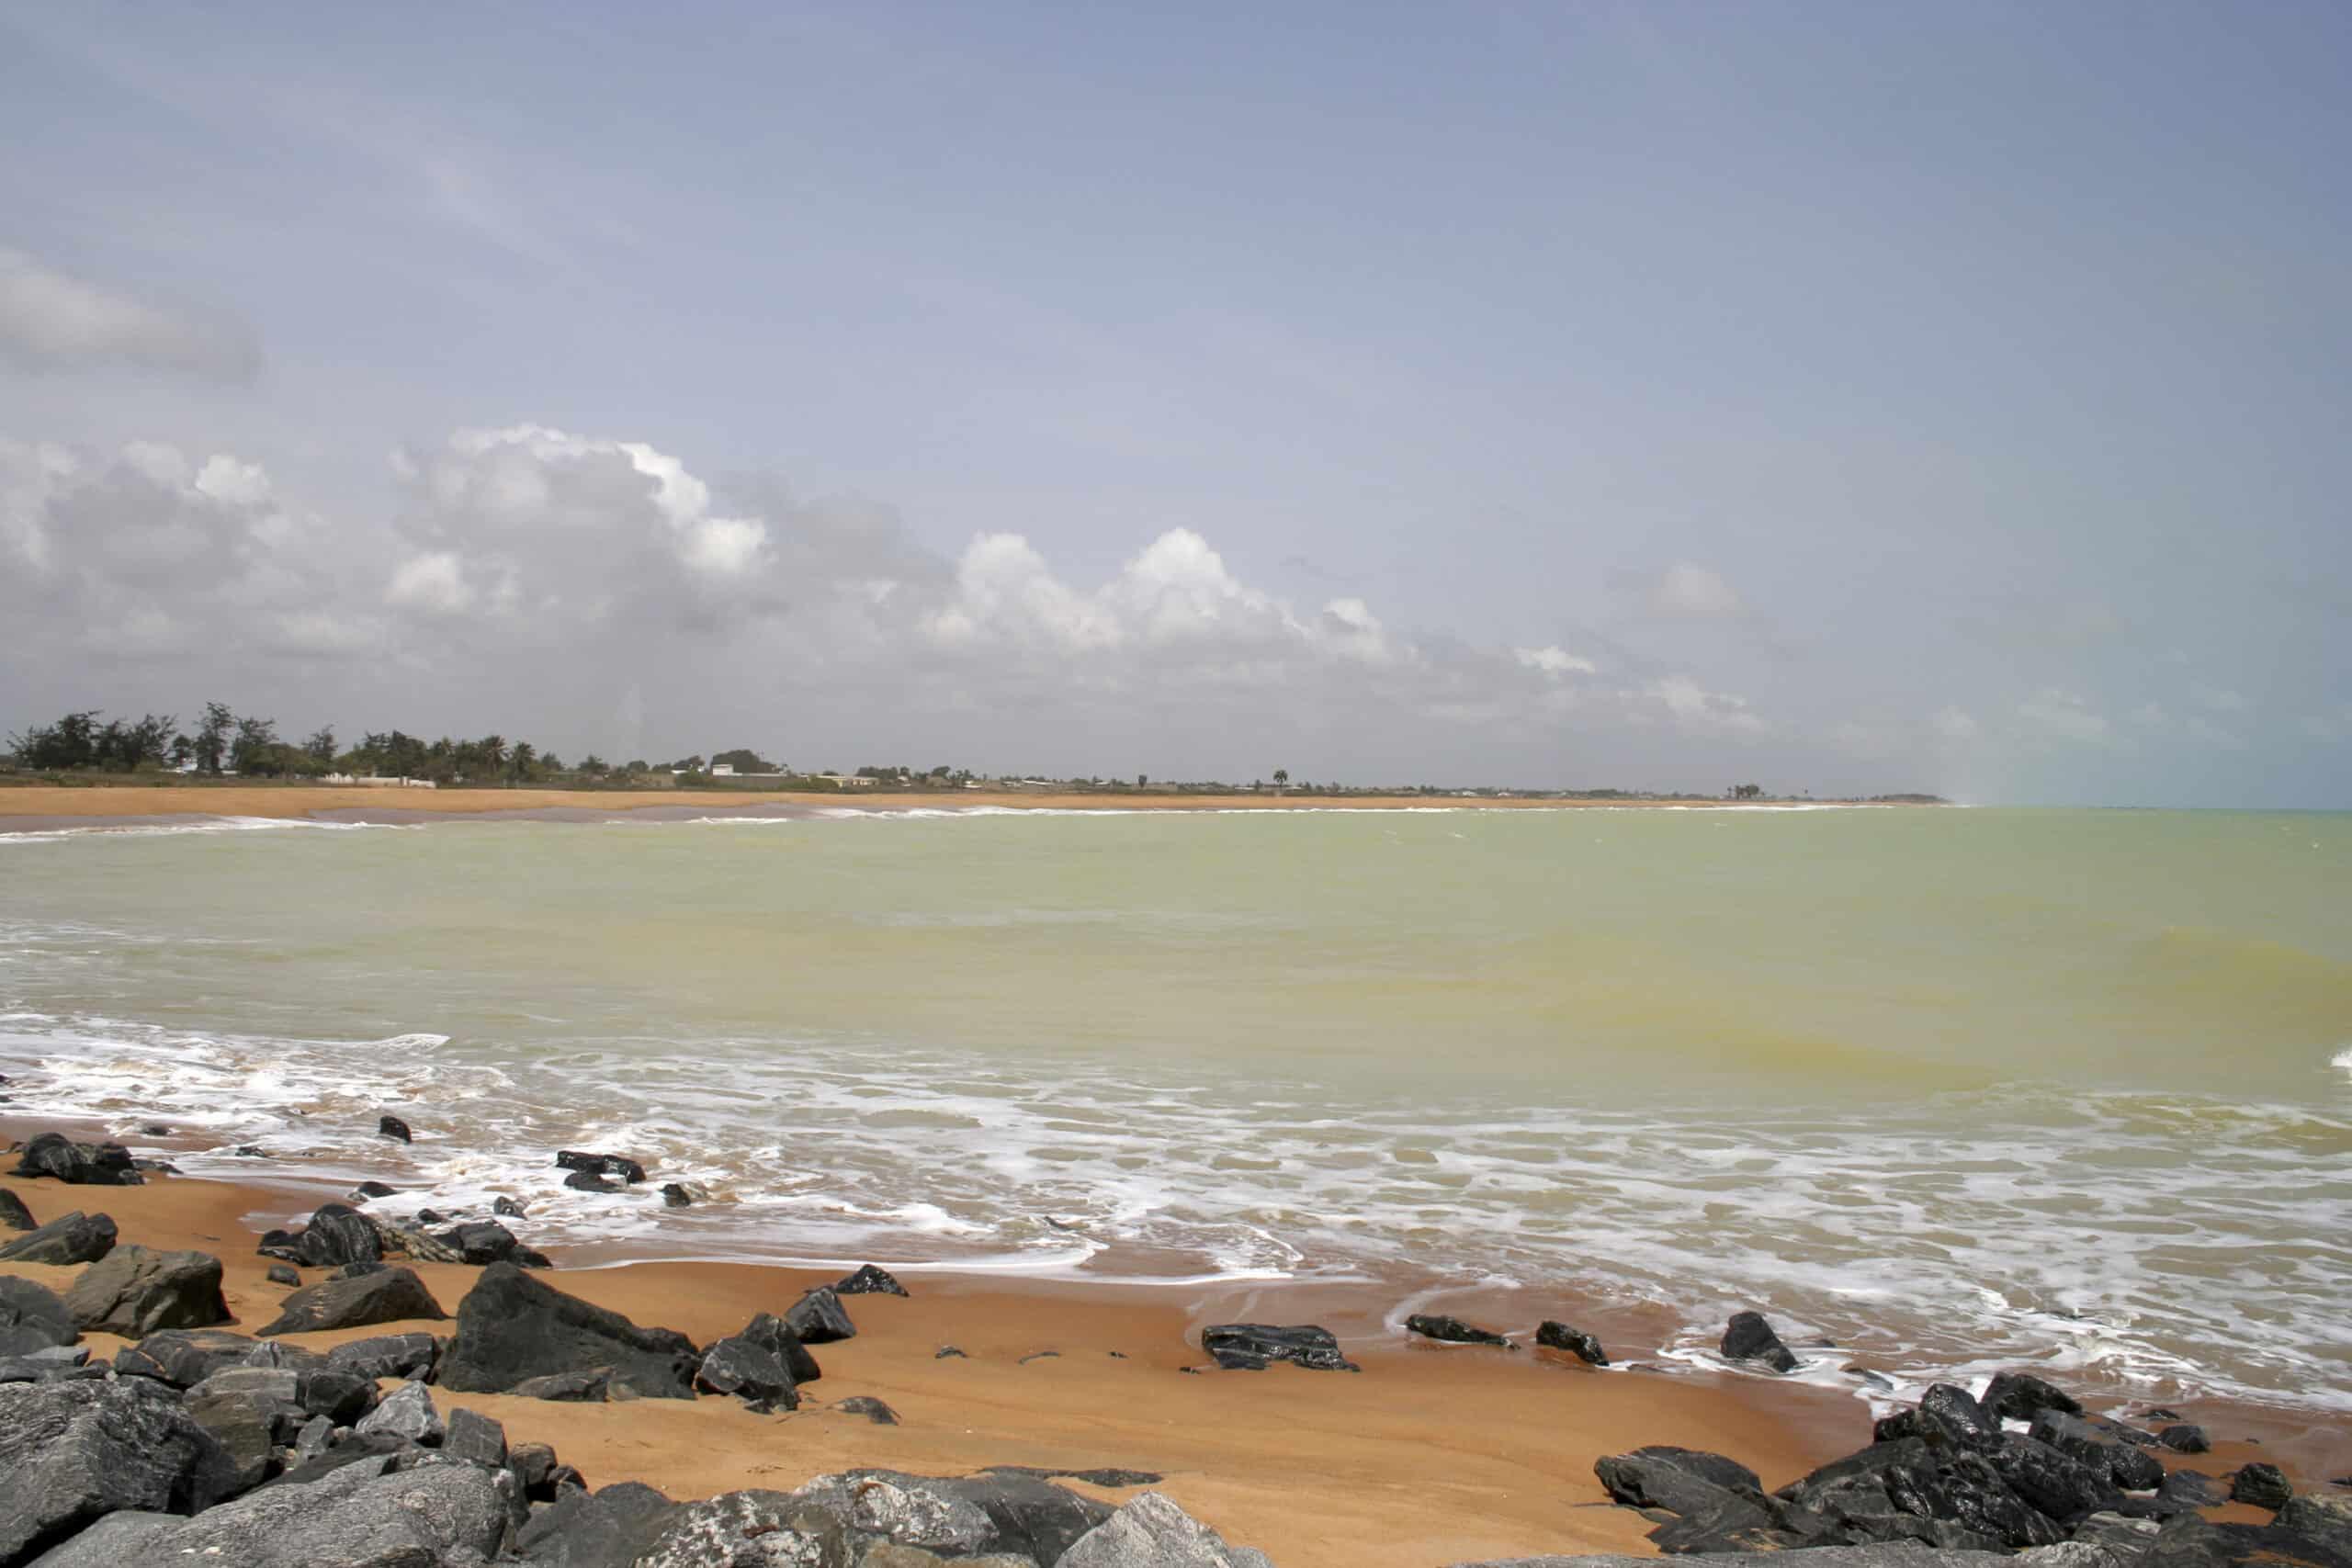 Togo-Benin Reisebericht - Reise in Afrika